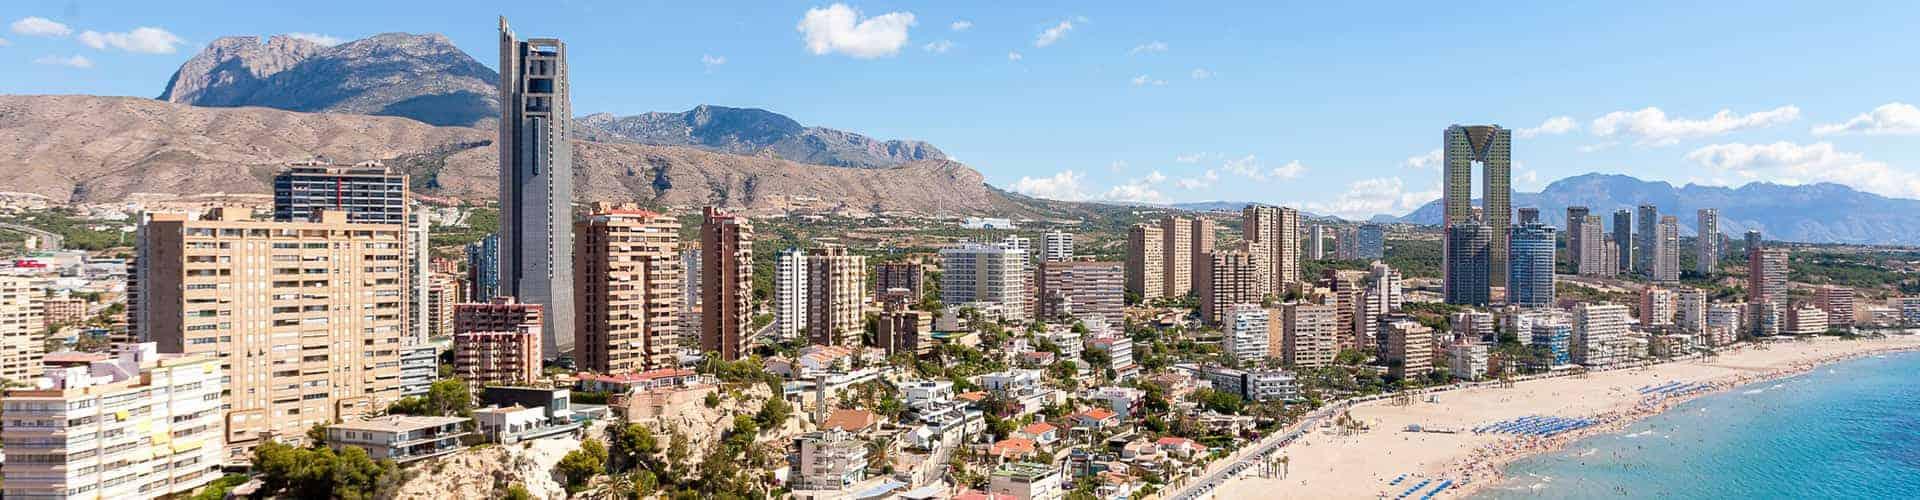 Visitas guiadas Benidorm - Turismo en Alicante